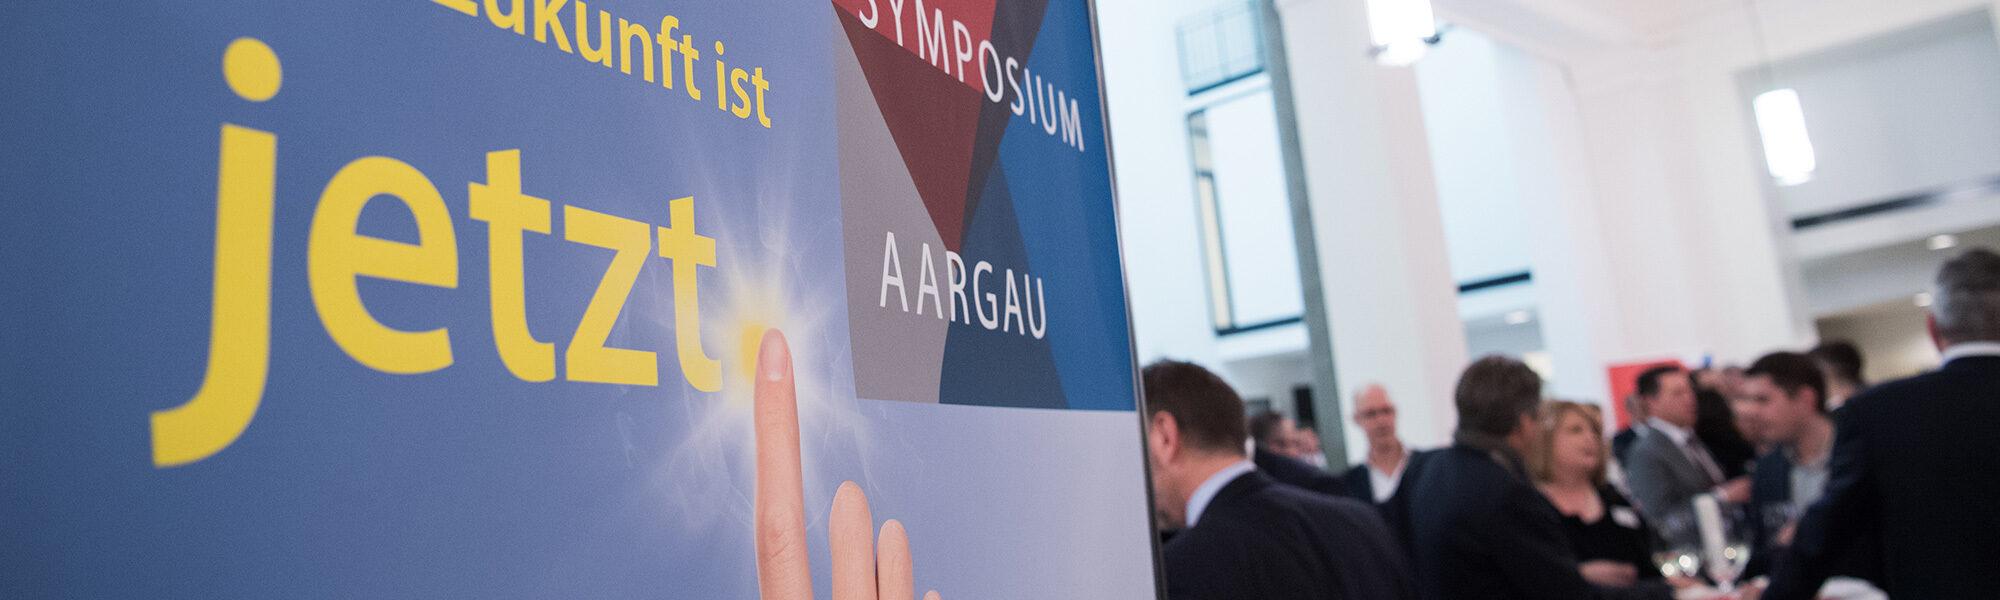 Wirtschaftssymposium Aargau